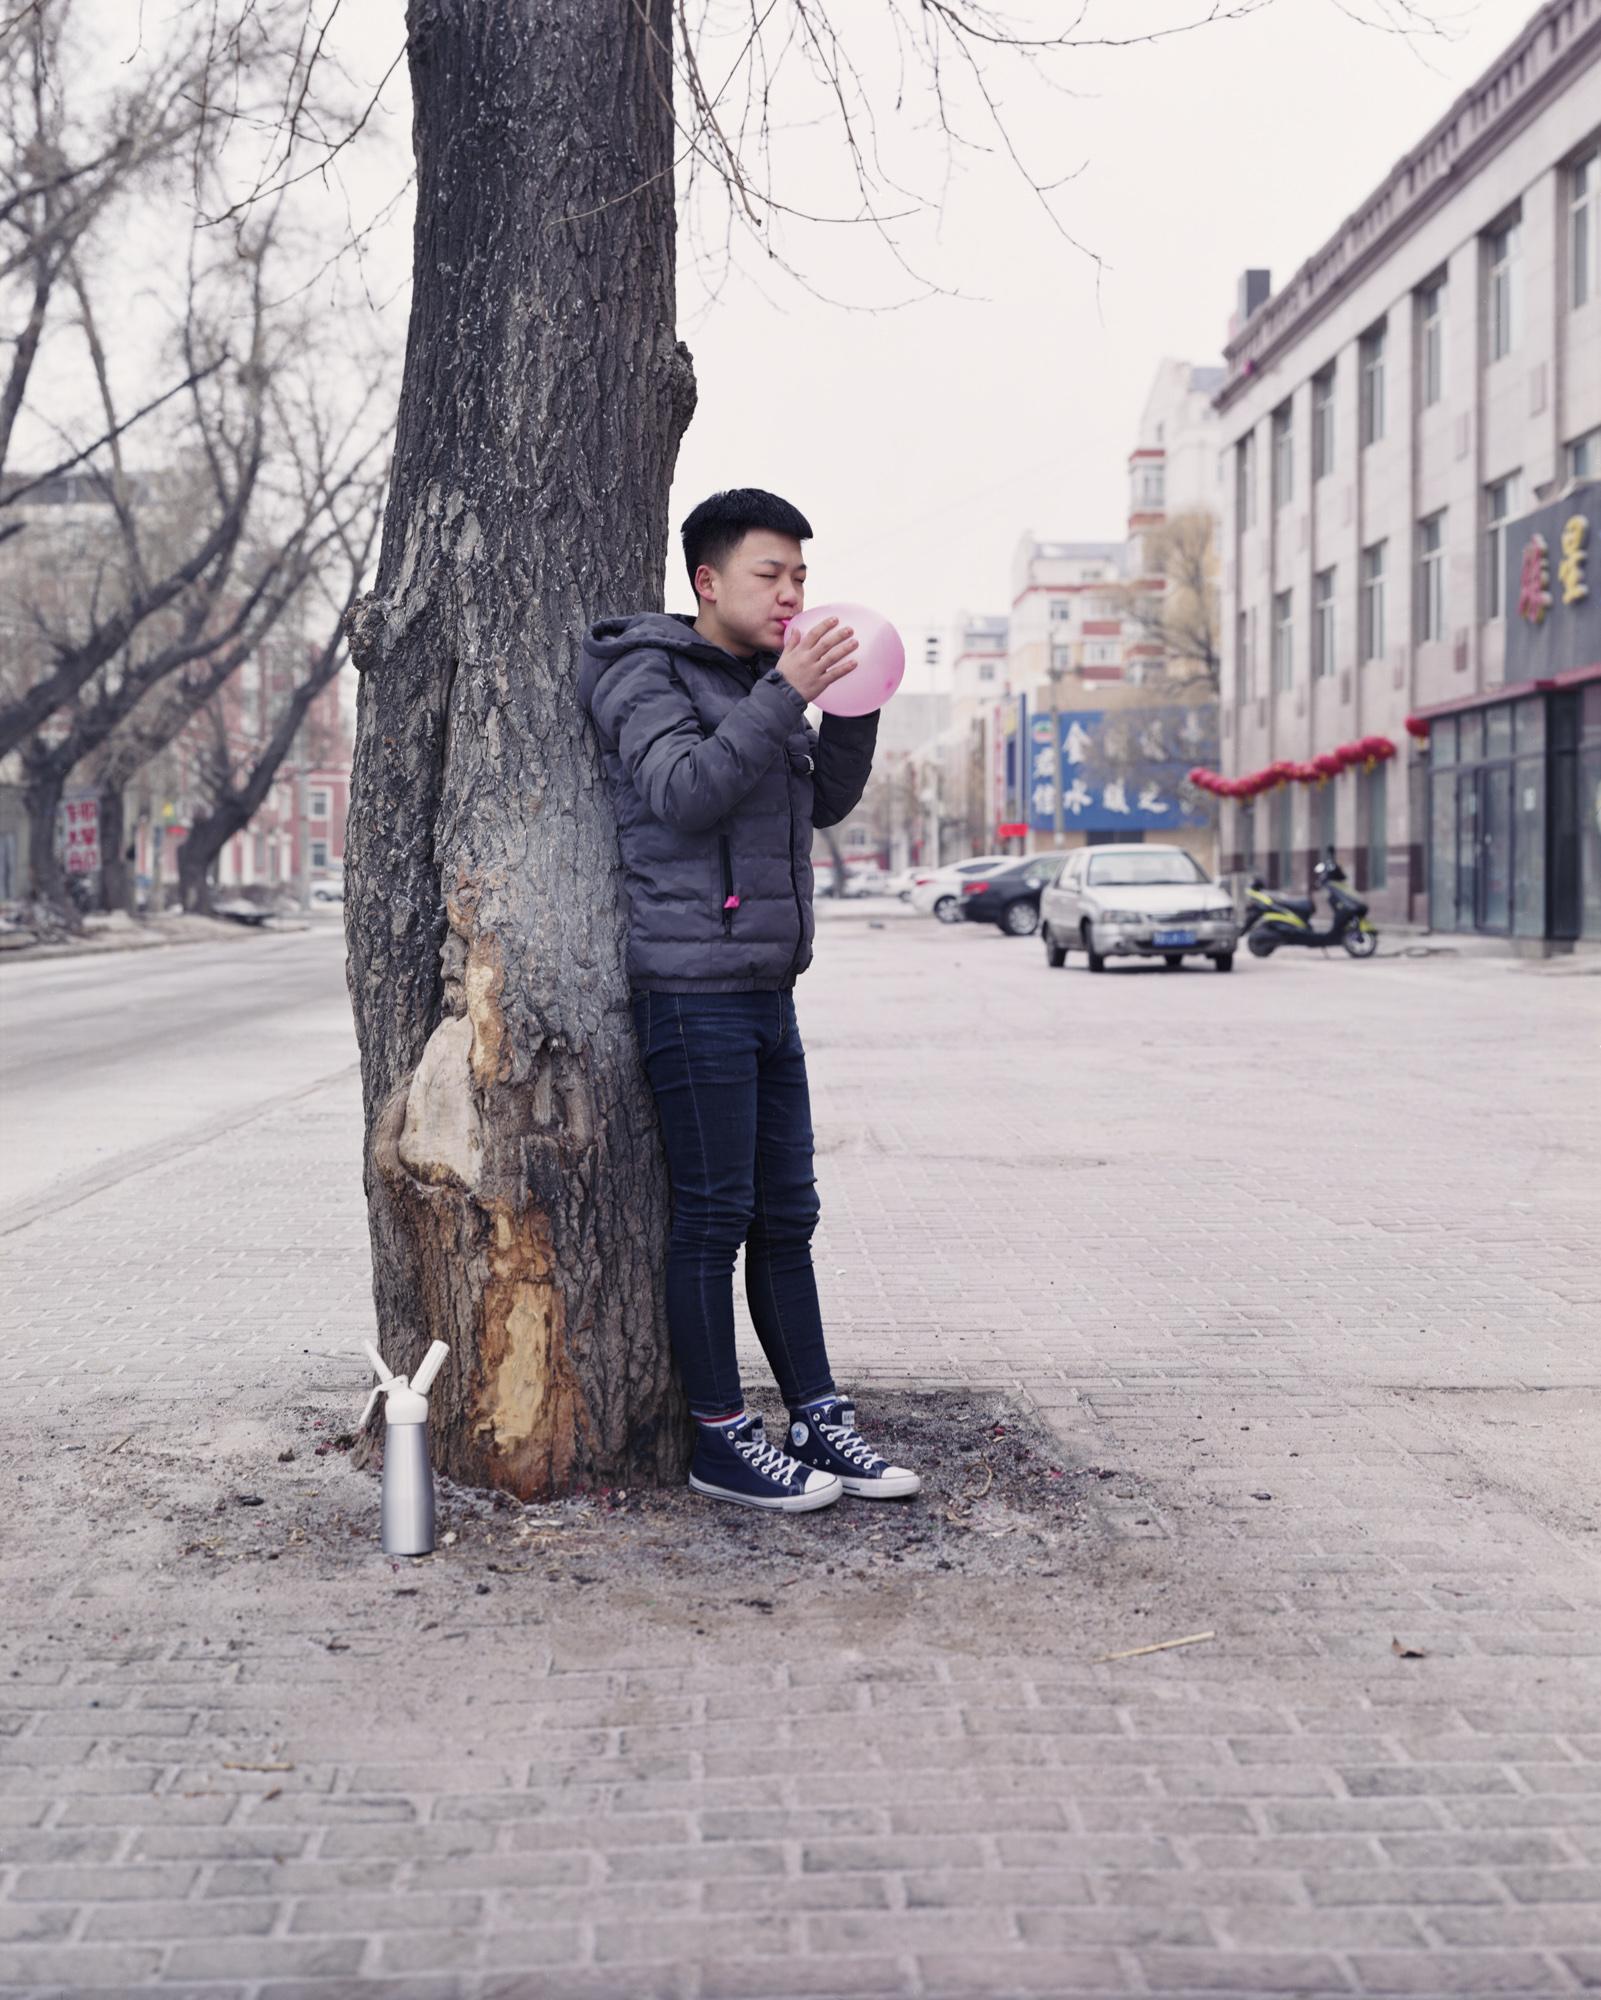 chen-ronghui-photography-of-china-Freezing Land  14.jpg